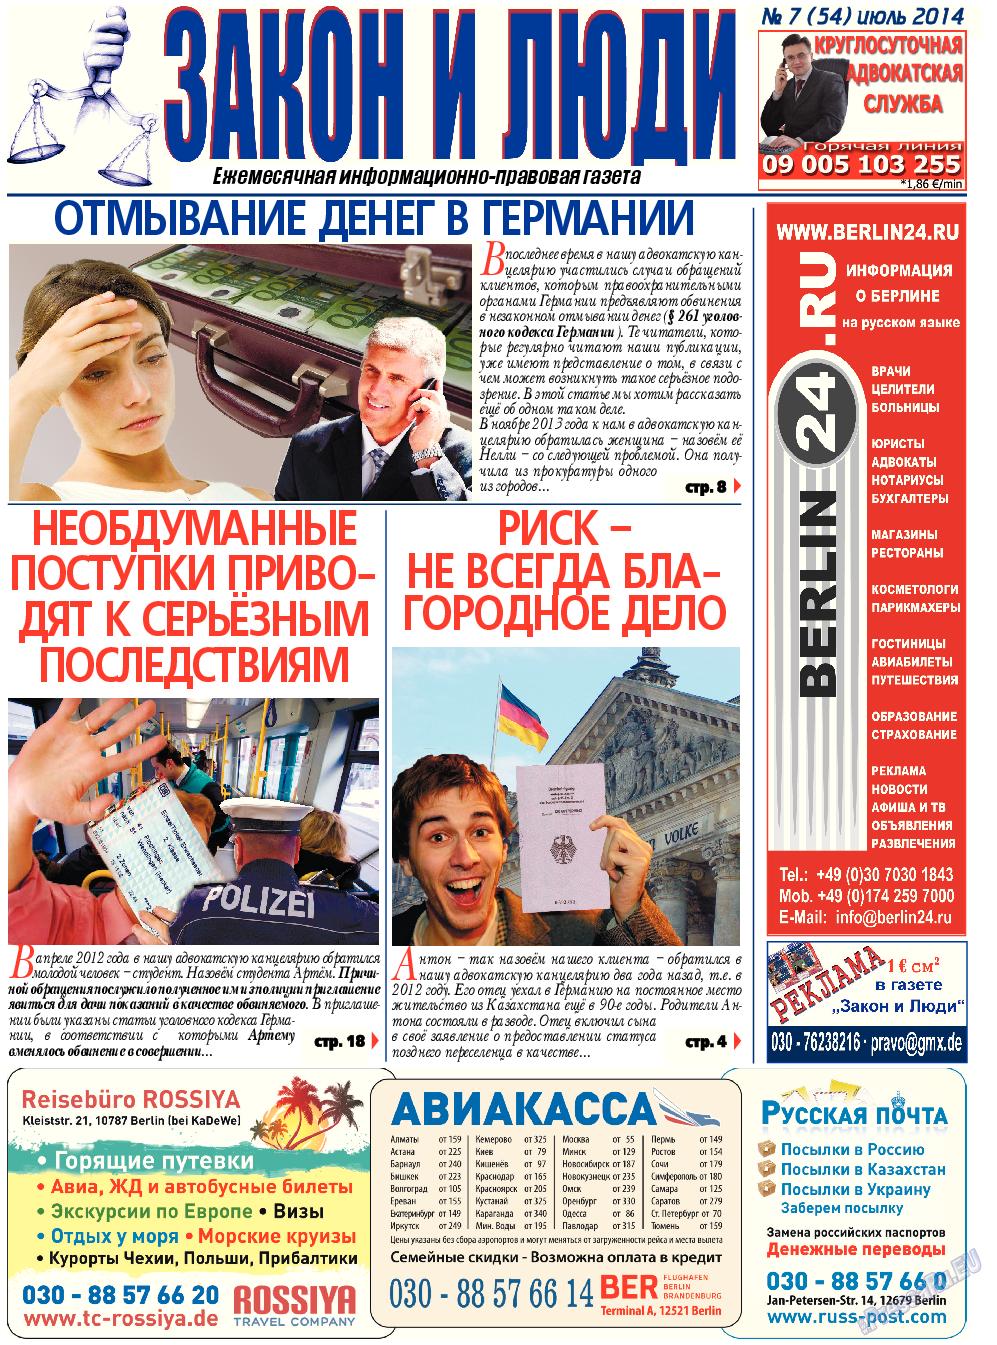 Закон и люди (газета). 2014 год, номер 7, стр. 1